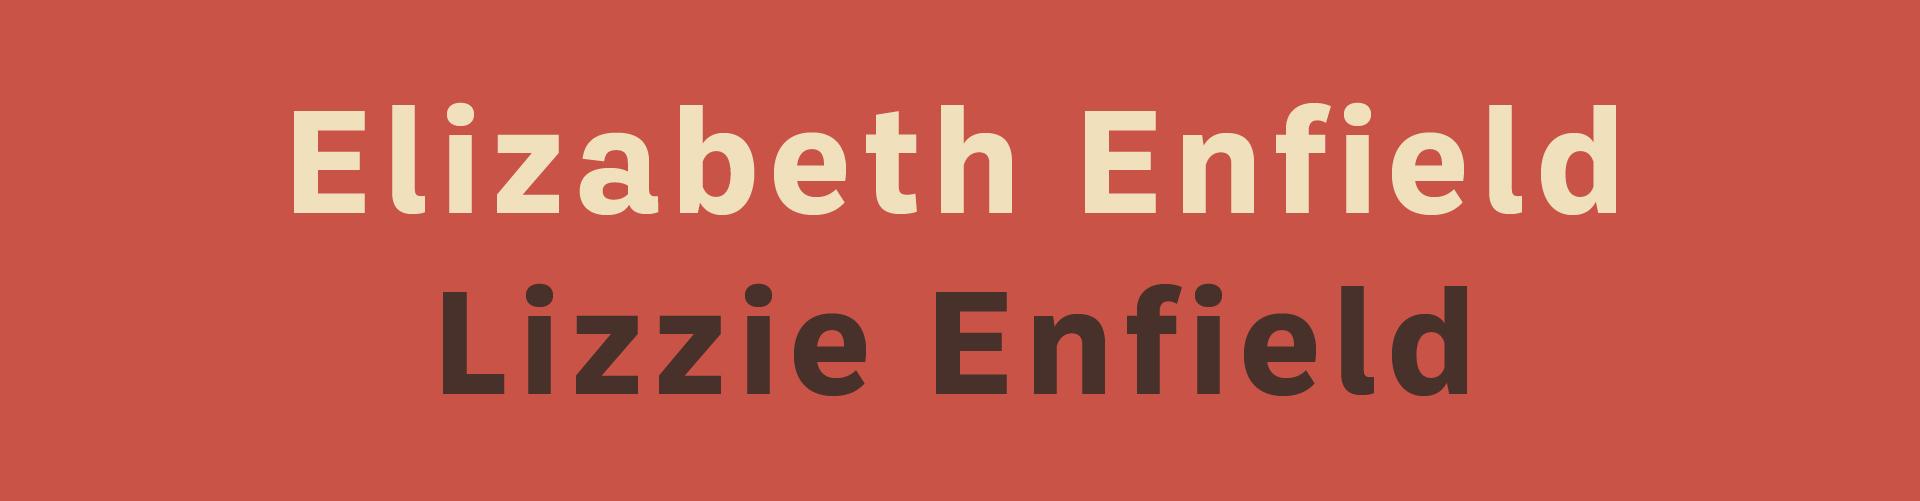 Elizabeth Enfield – Lizzie Enfield